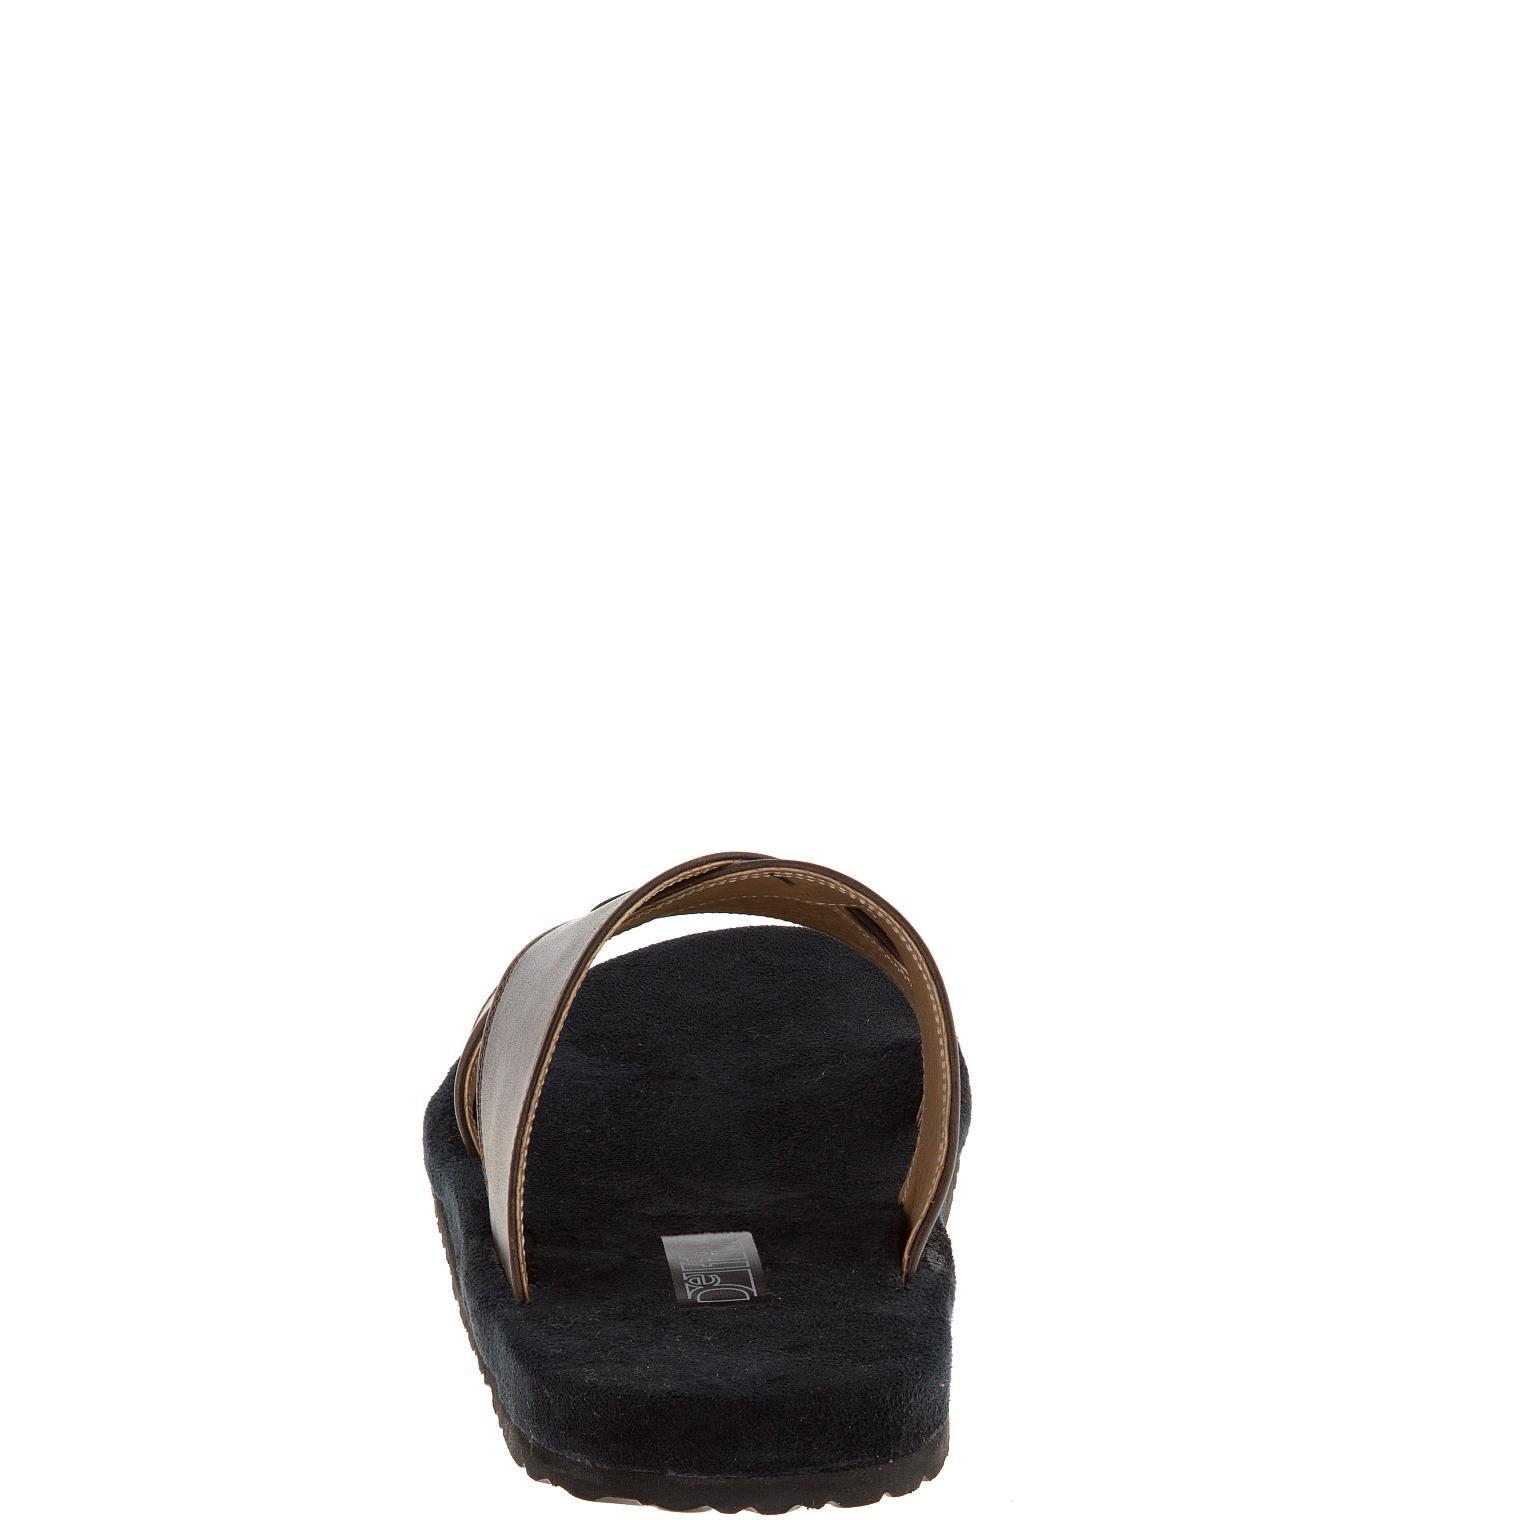 577157 сабо мужские коричневые больших размеров марки Делфино